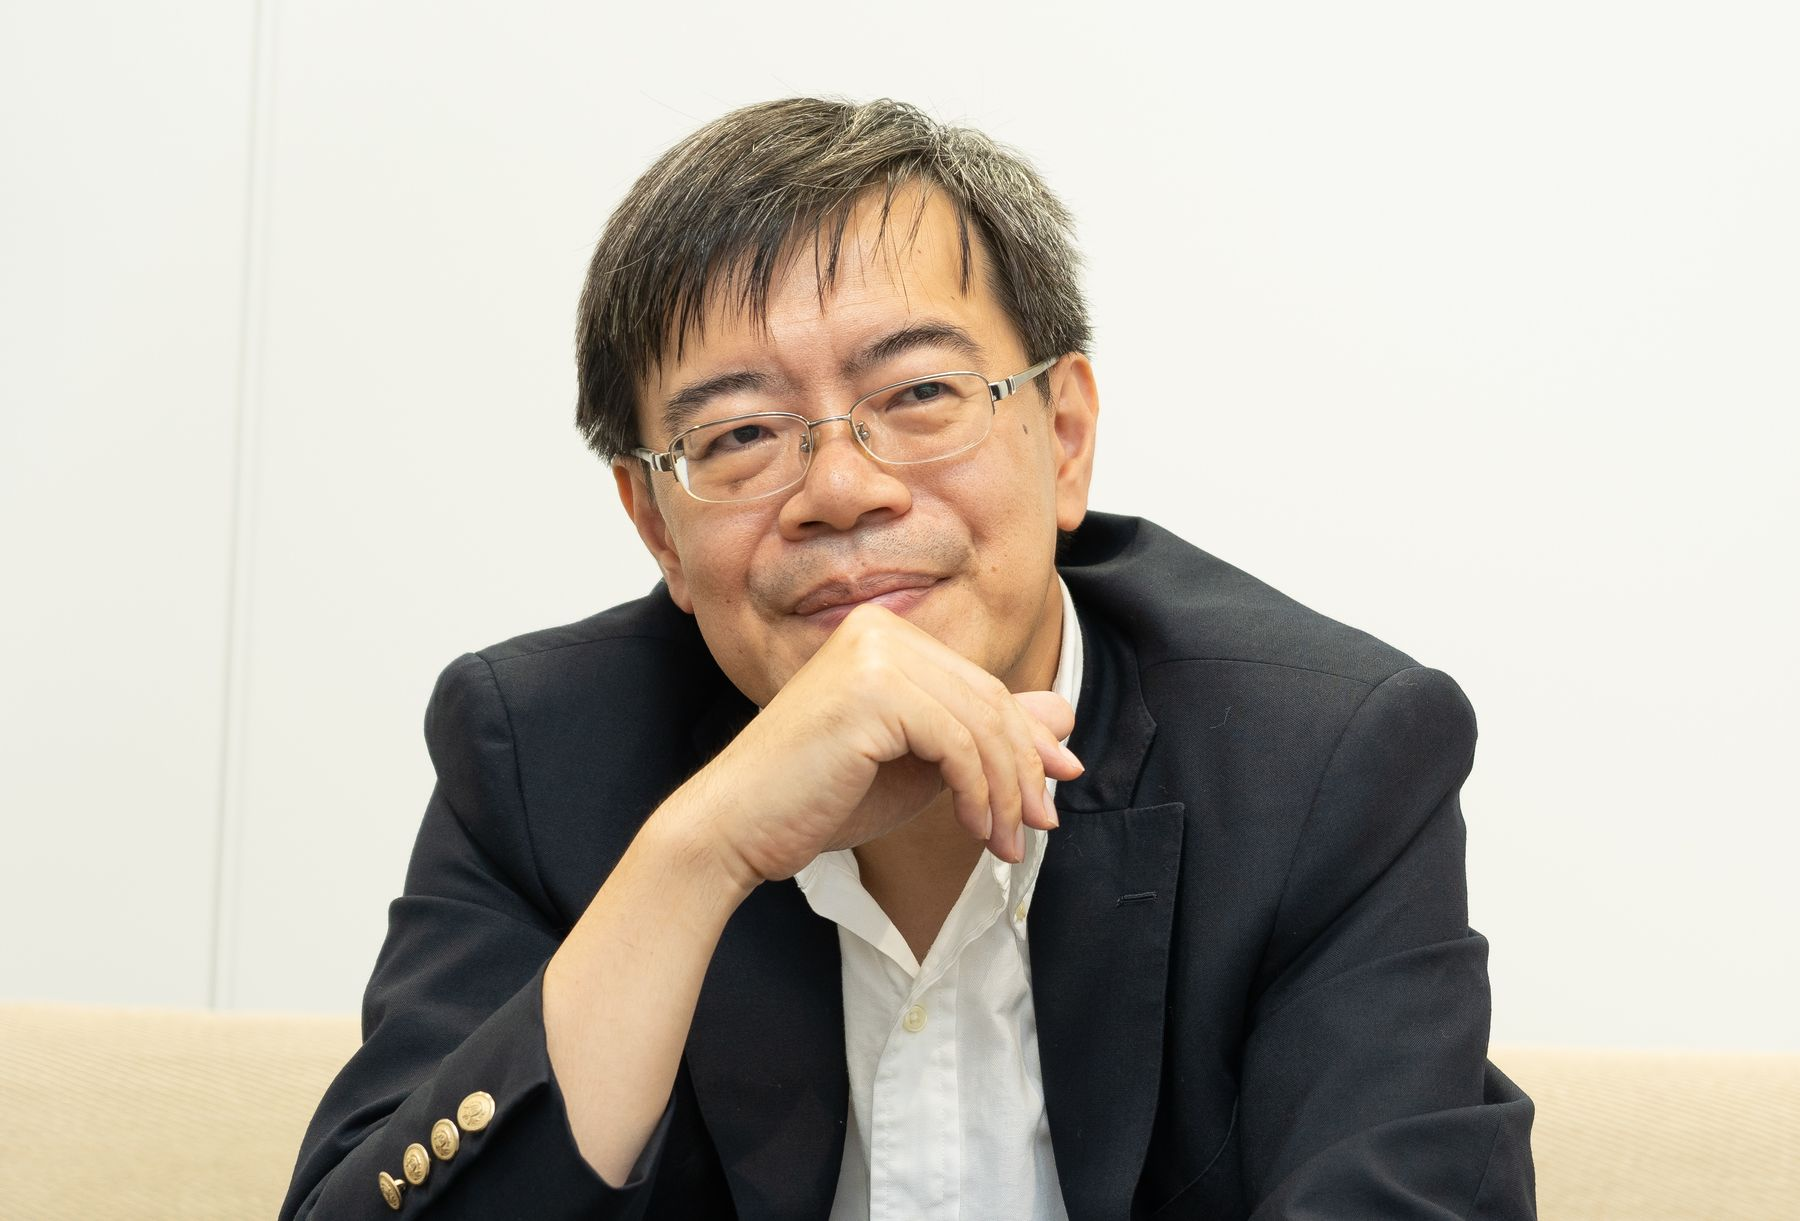 秋元圭吾氏